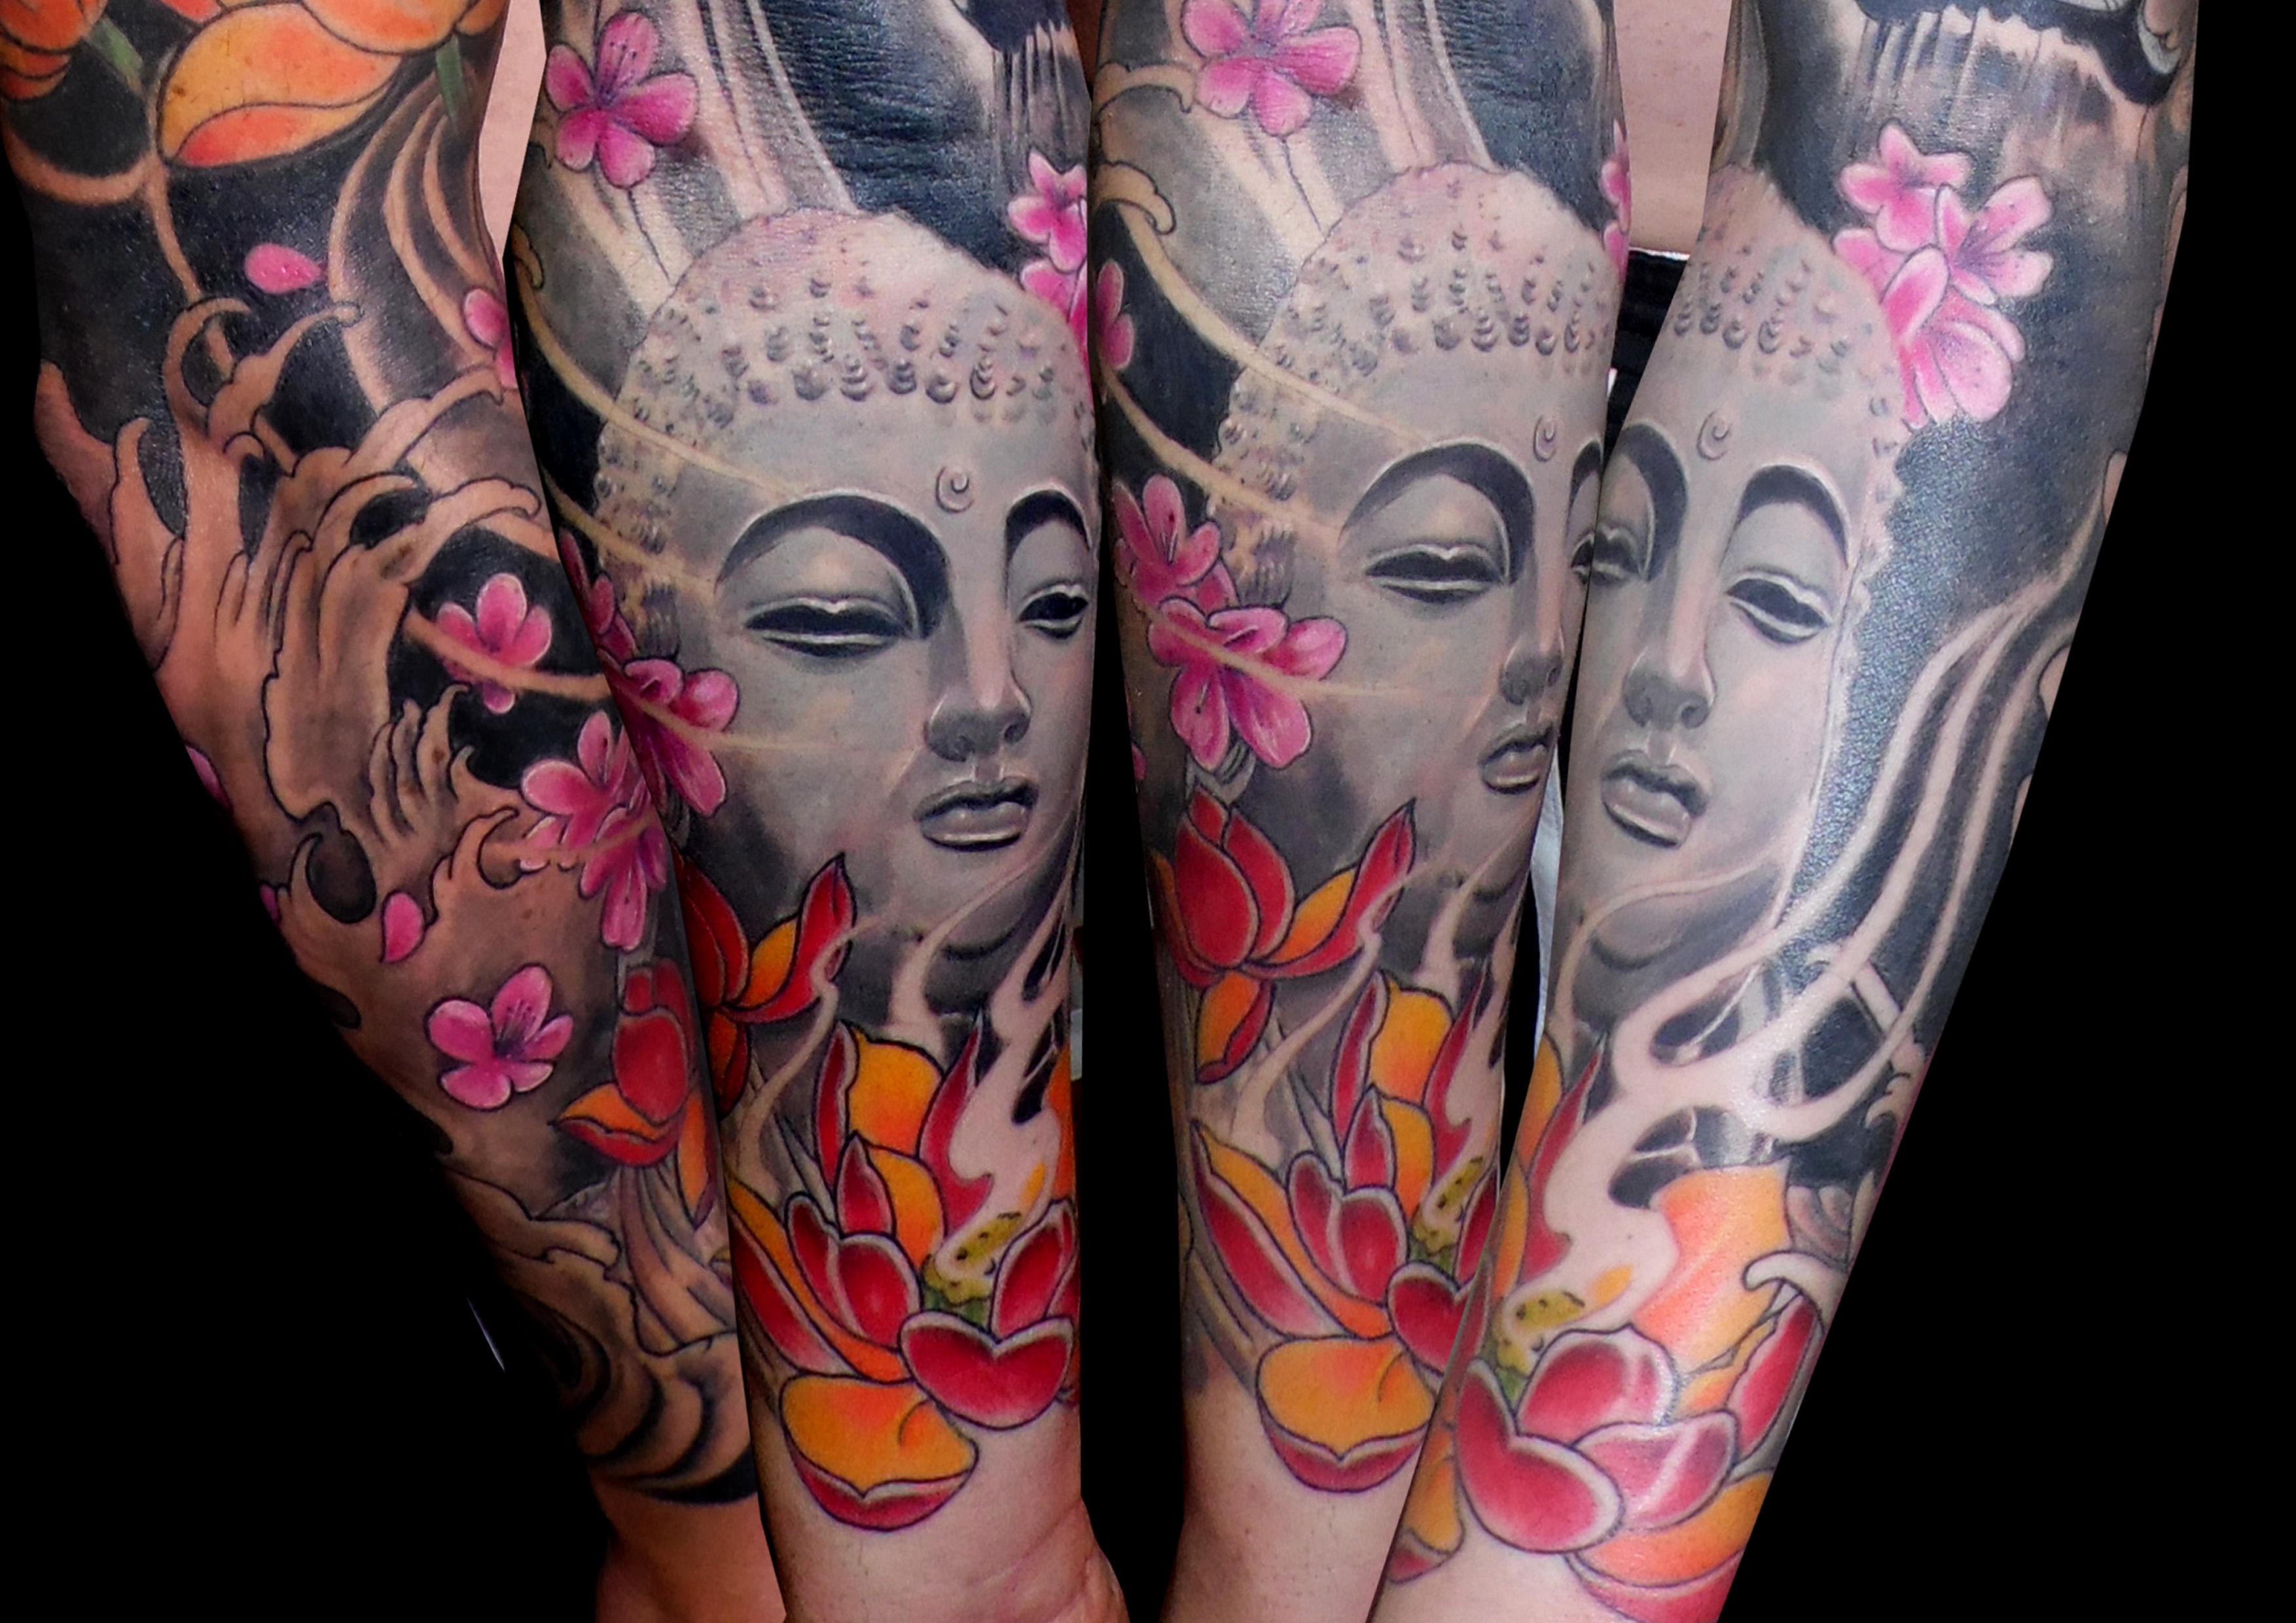 tatuaje buda flor loto oriental realista antebrazo 13depicas gris sombras color